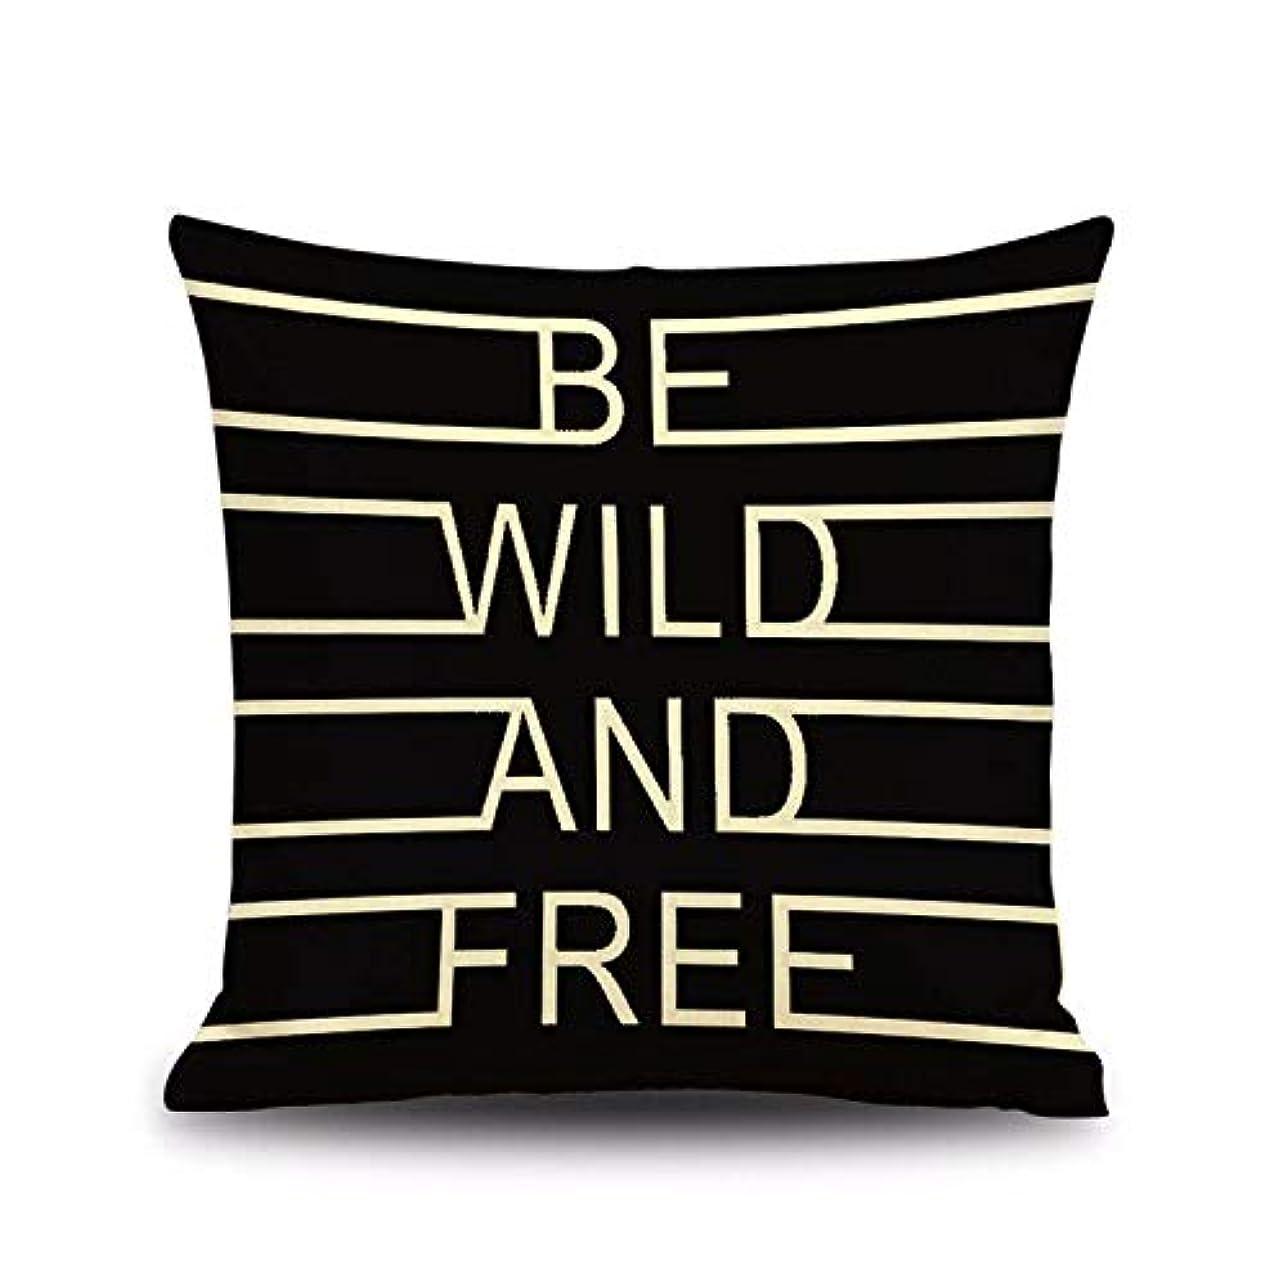 ワードローブ矛盾するしょっぱいLIFE 送料無料リネンクッション、枕 (含まないフィリング) 40 × 40 センチメートル、 45 × 45 センチメートル、 50 × 50 センチメートル、 60 × 60 センチメートル クッション 椅子